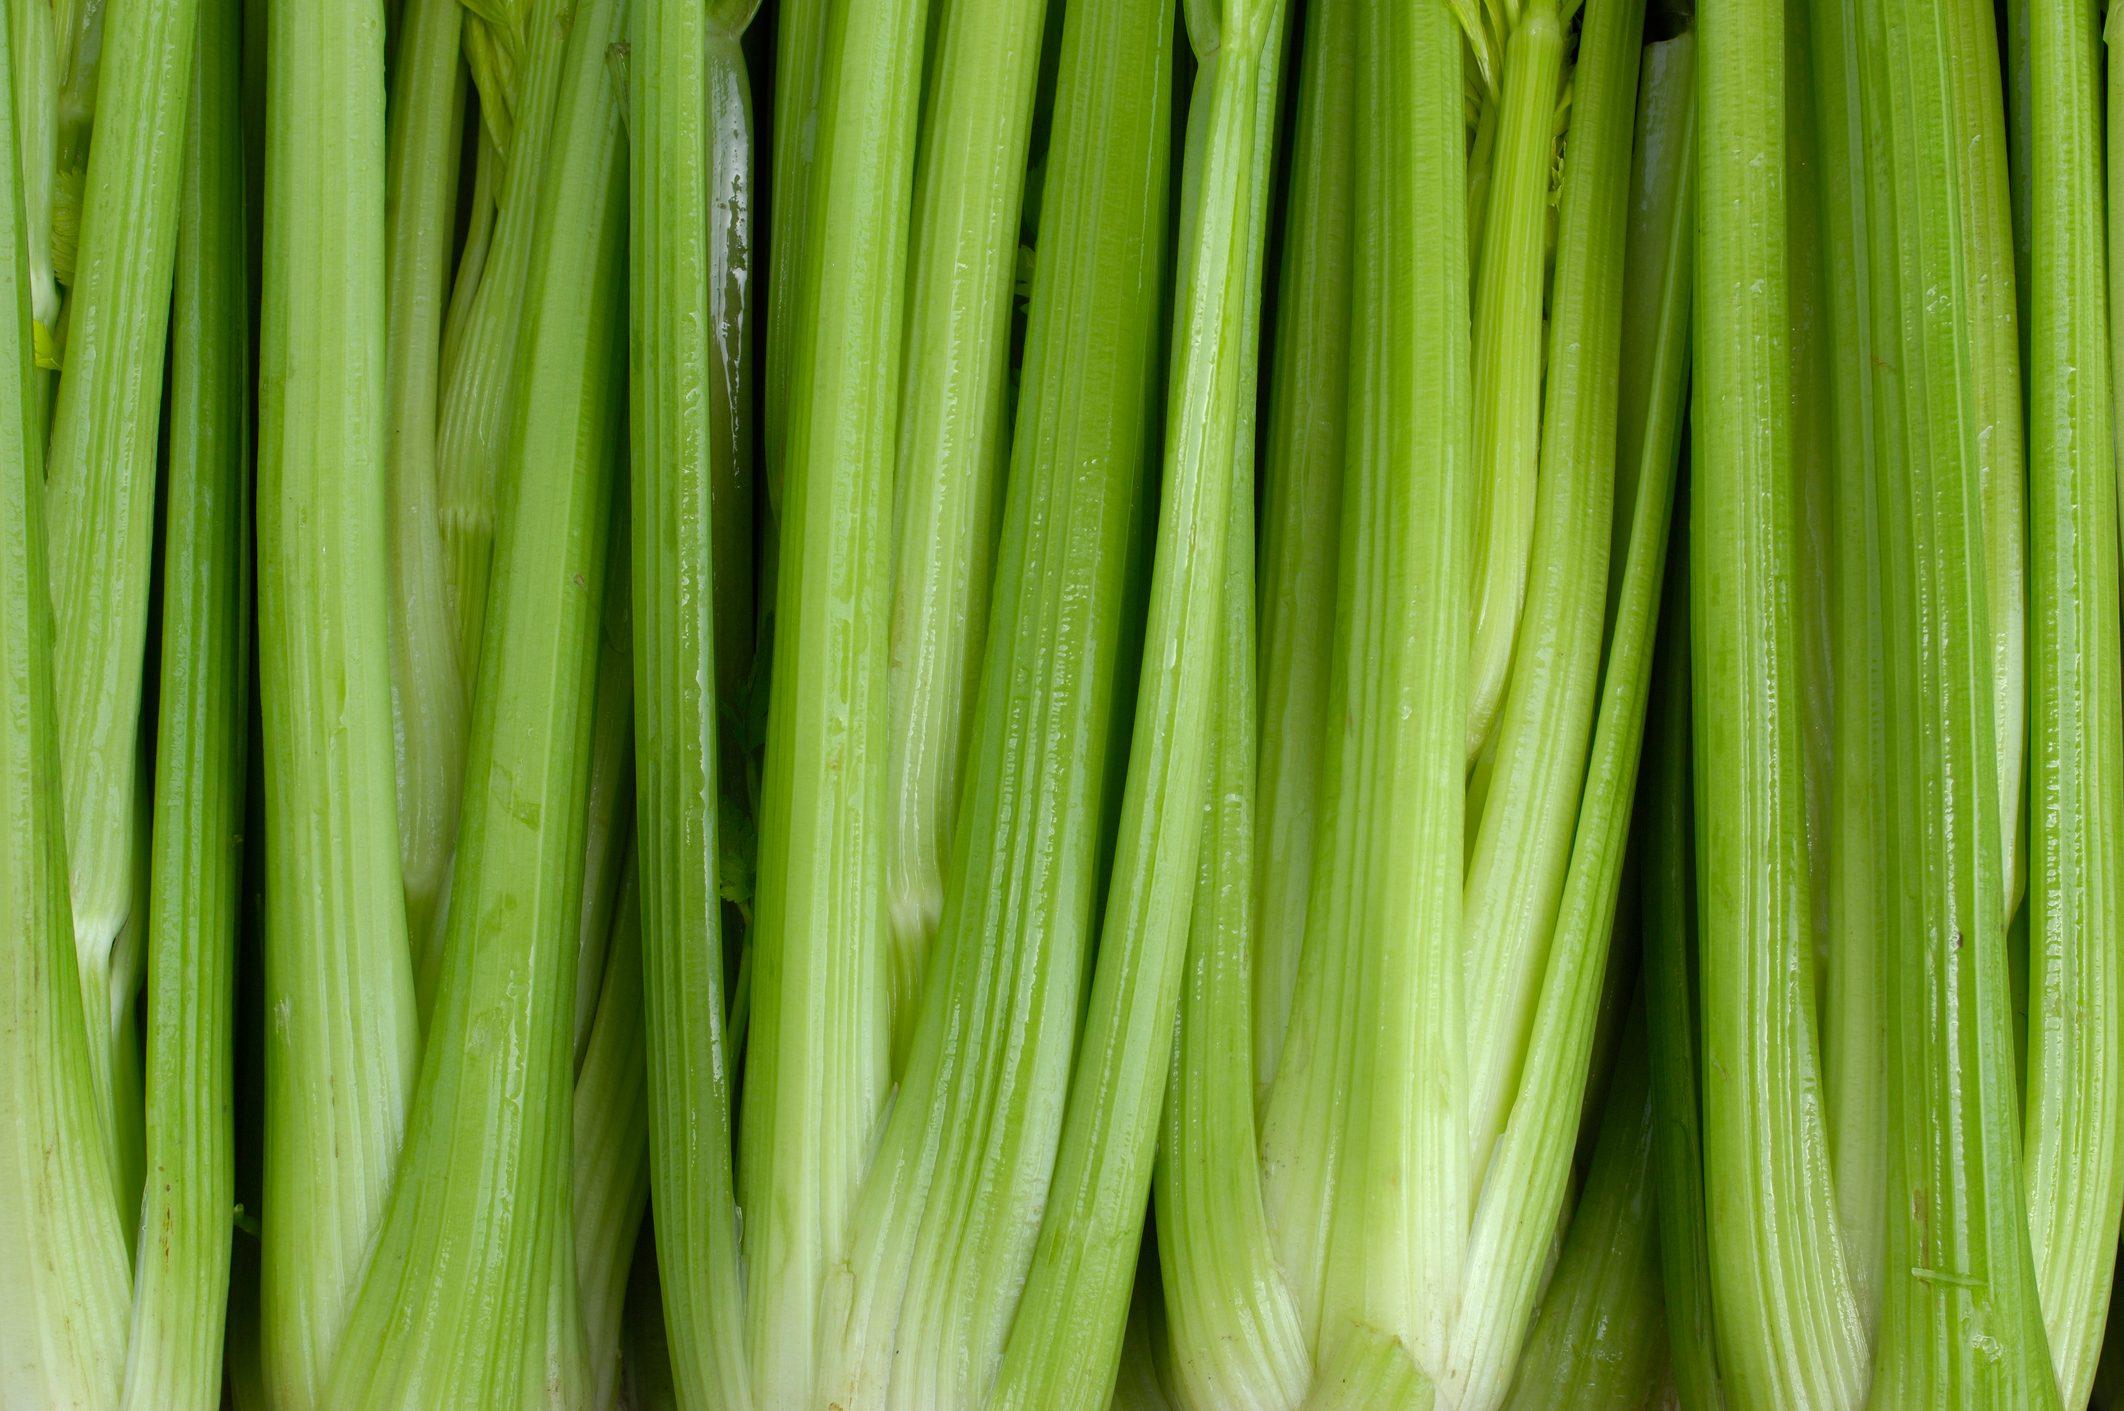 celery full frame